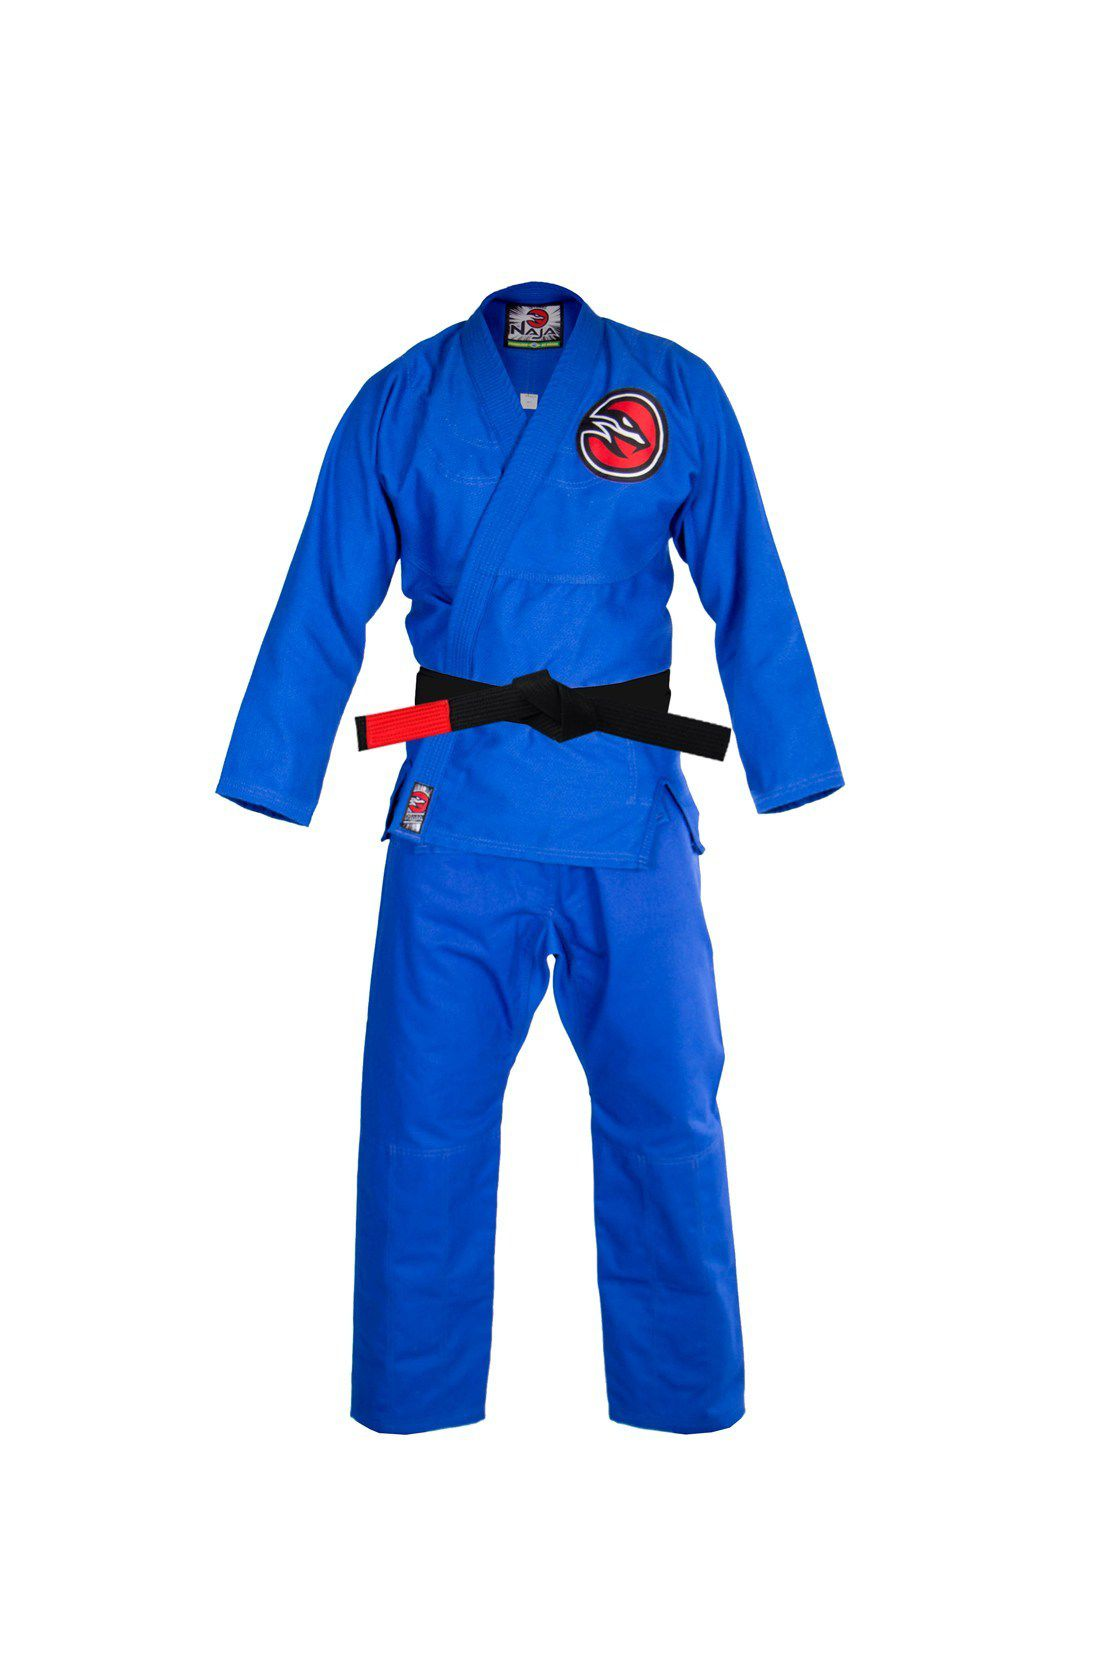 Kimono JIu Jitsu Naja New First - OPP - Azul